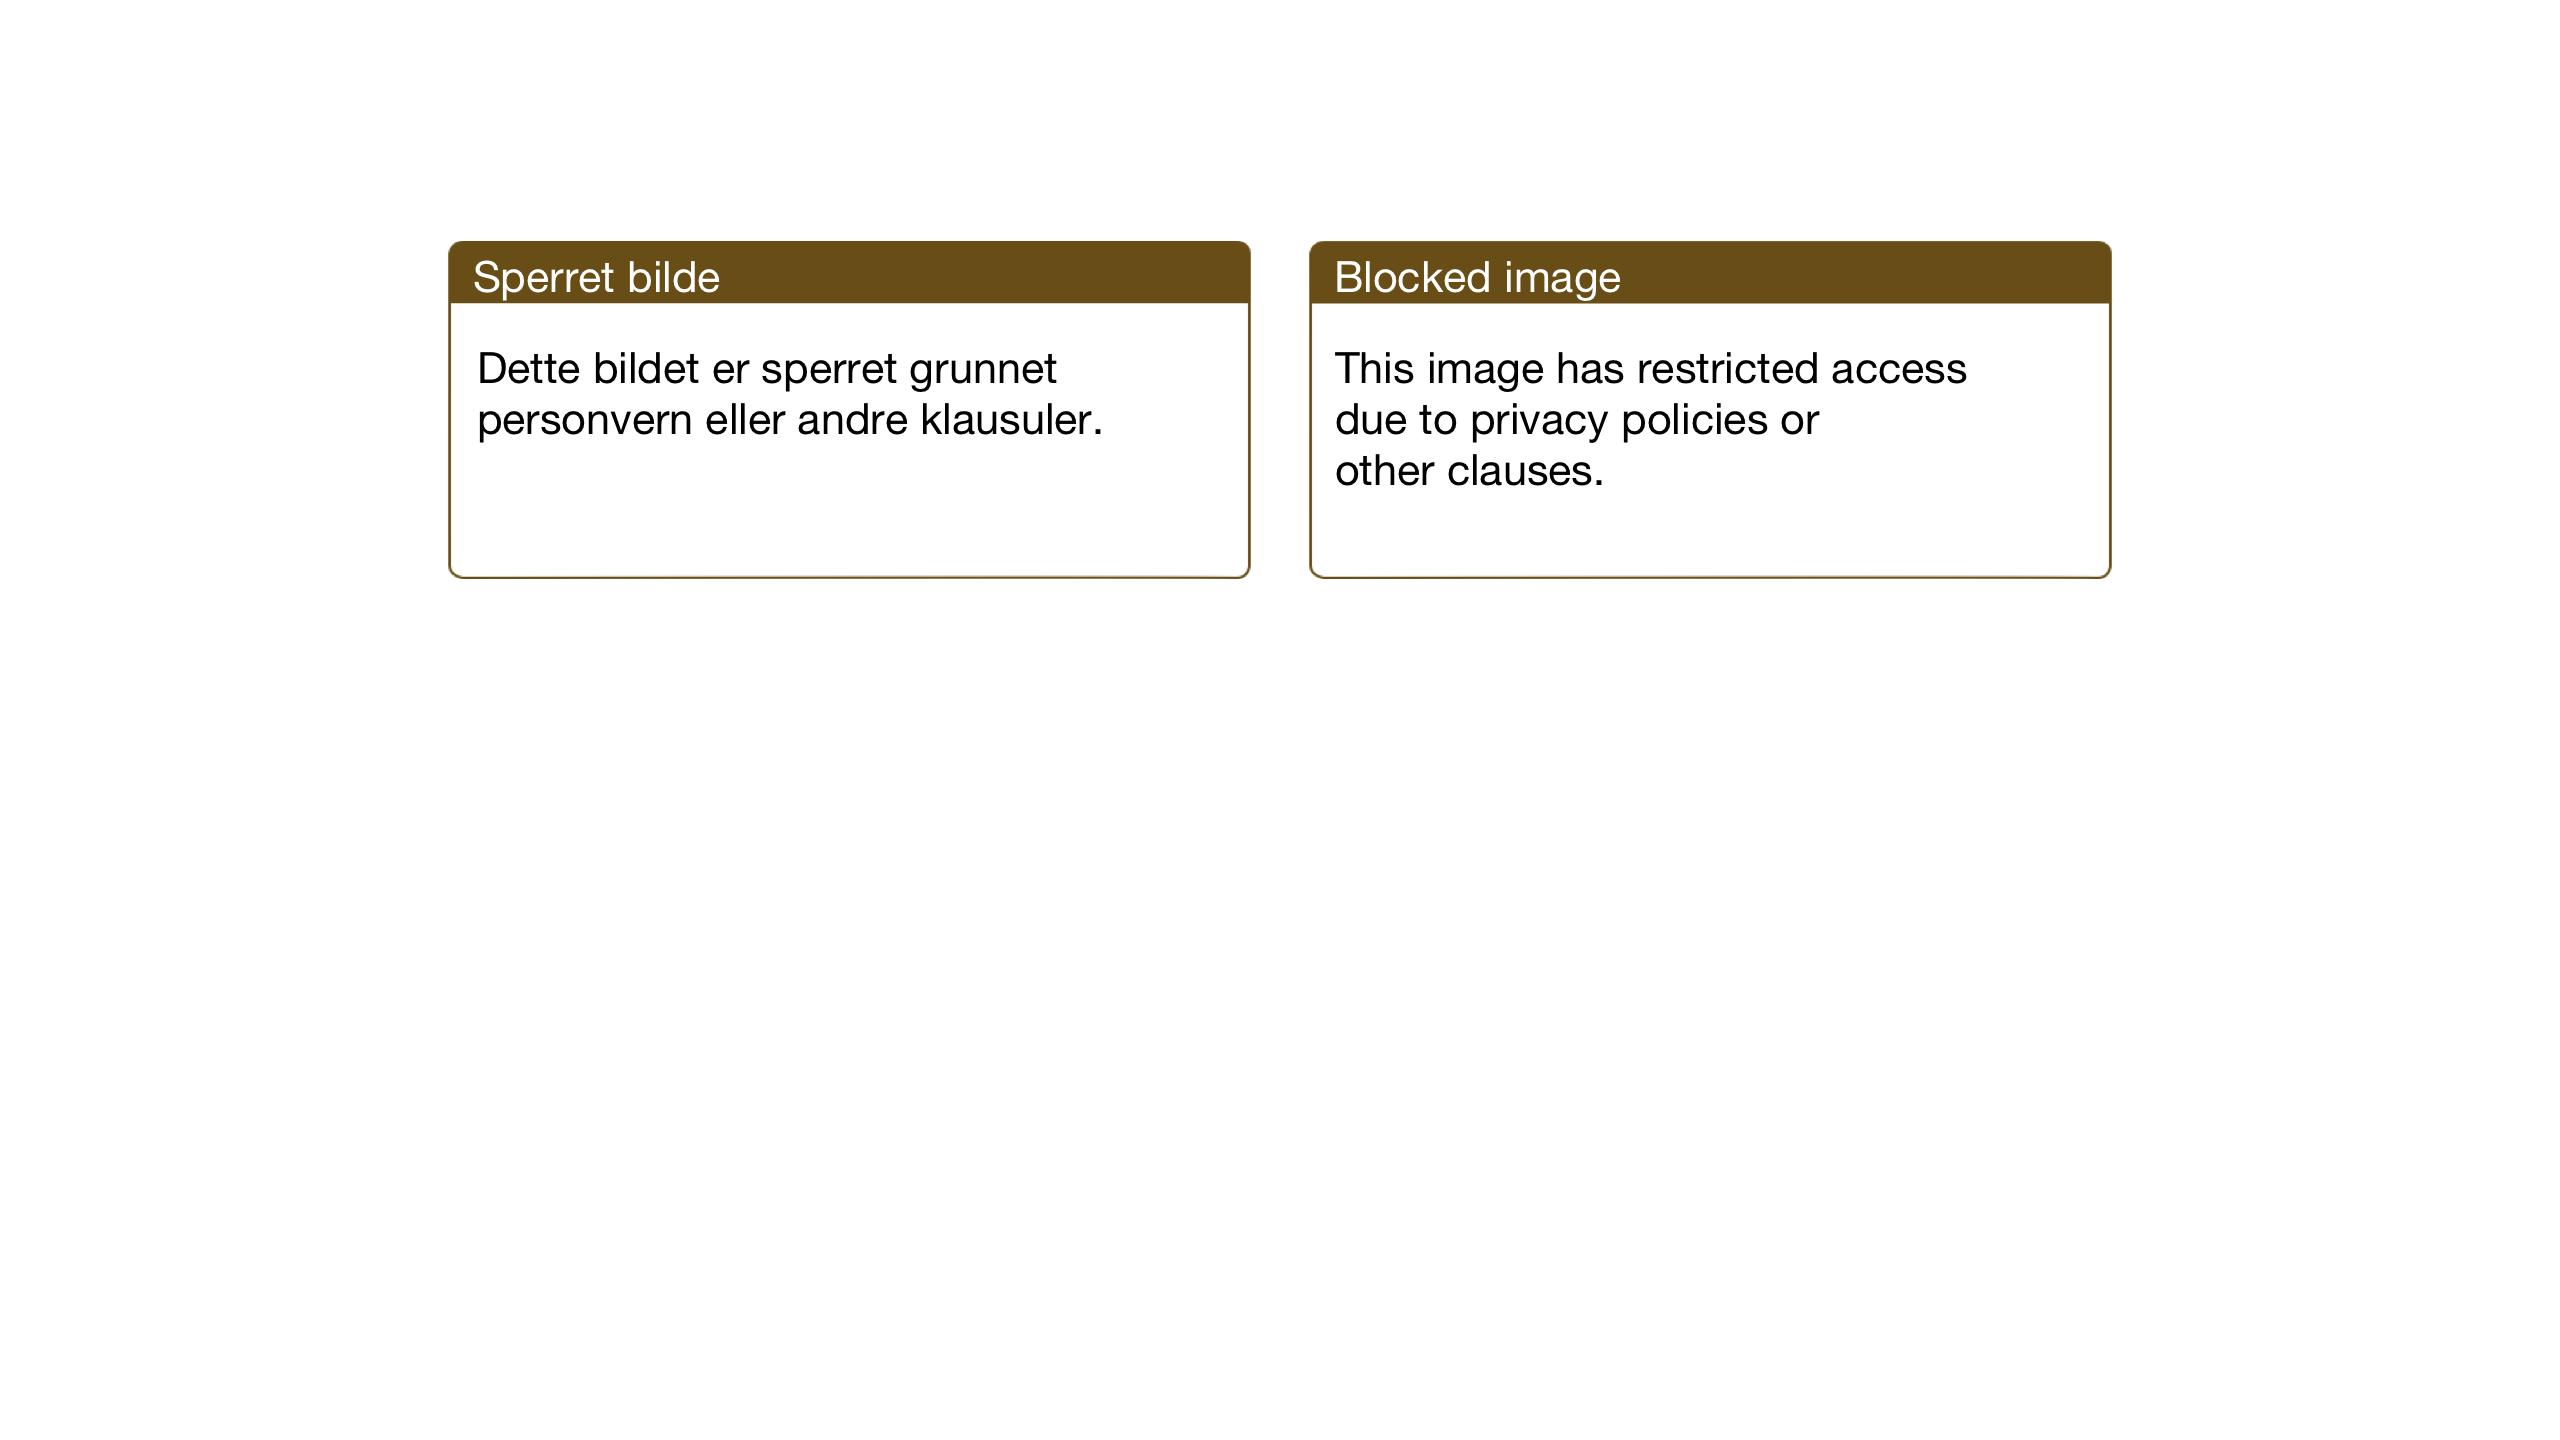 SAT, Ministerialprotokoller, klokkerbøker og fødselsregistre - Nord-Trøndelag, 740/L0384: Klokkerbok nr. 740C05, 1939-1946, s. 41